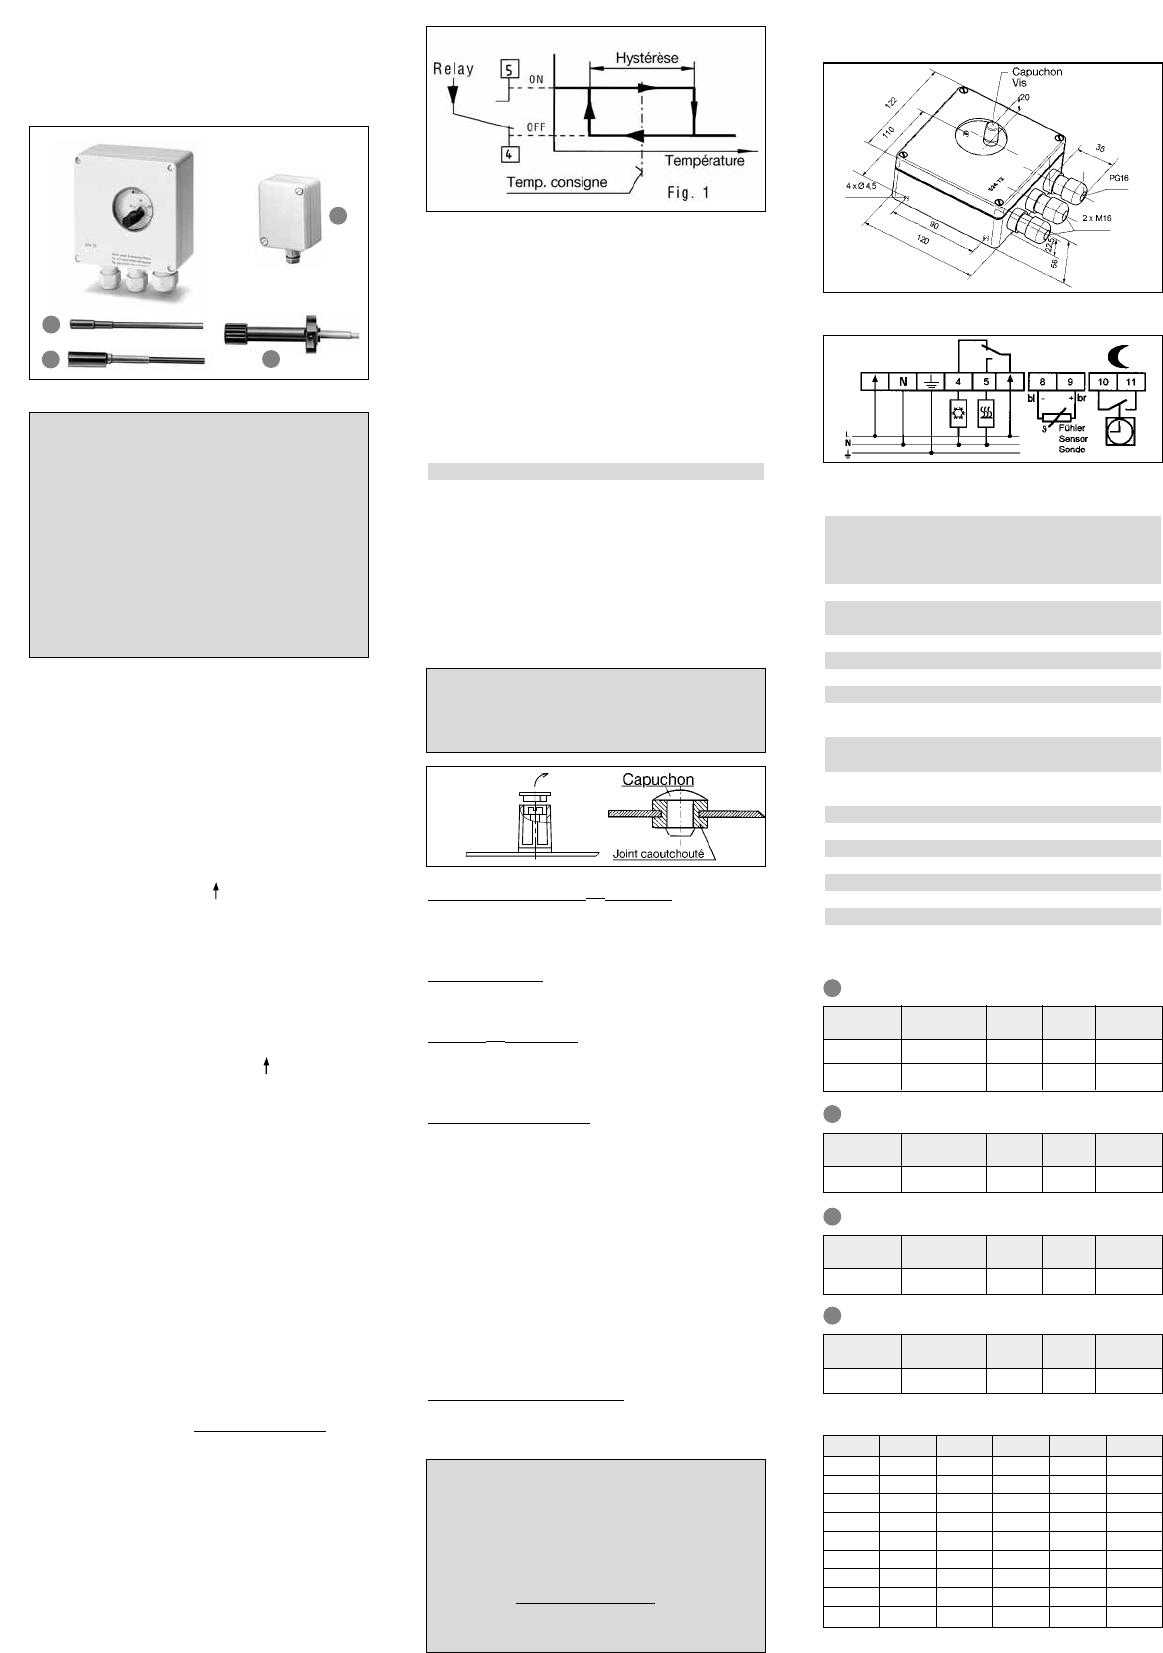 bedienungsanleitung eberle utr 52472 seite 3 von 3 deutsch. Black Bedroom Furniture Sets. Home Design Ideas